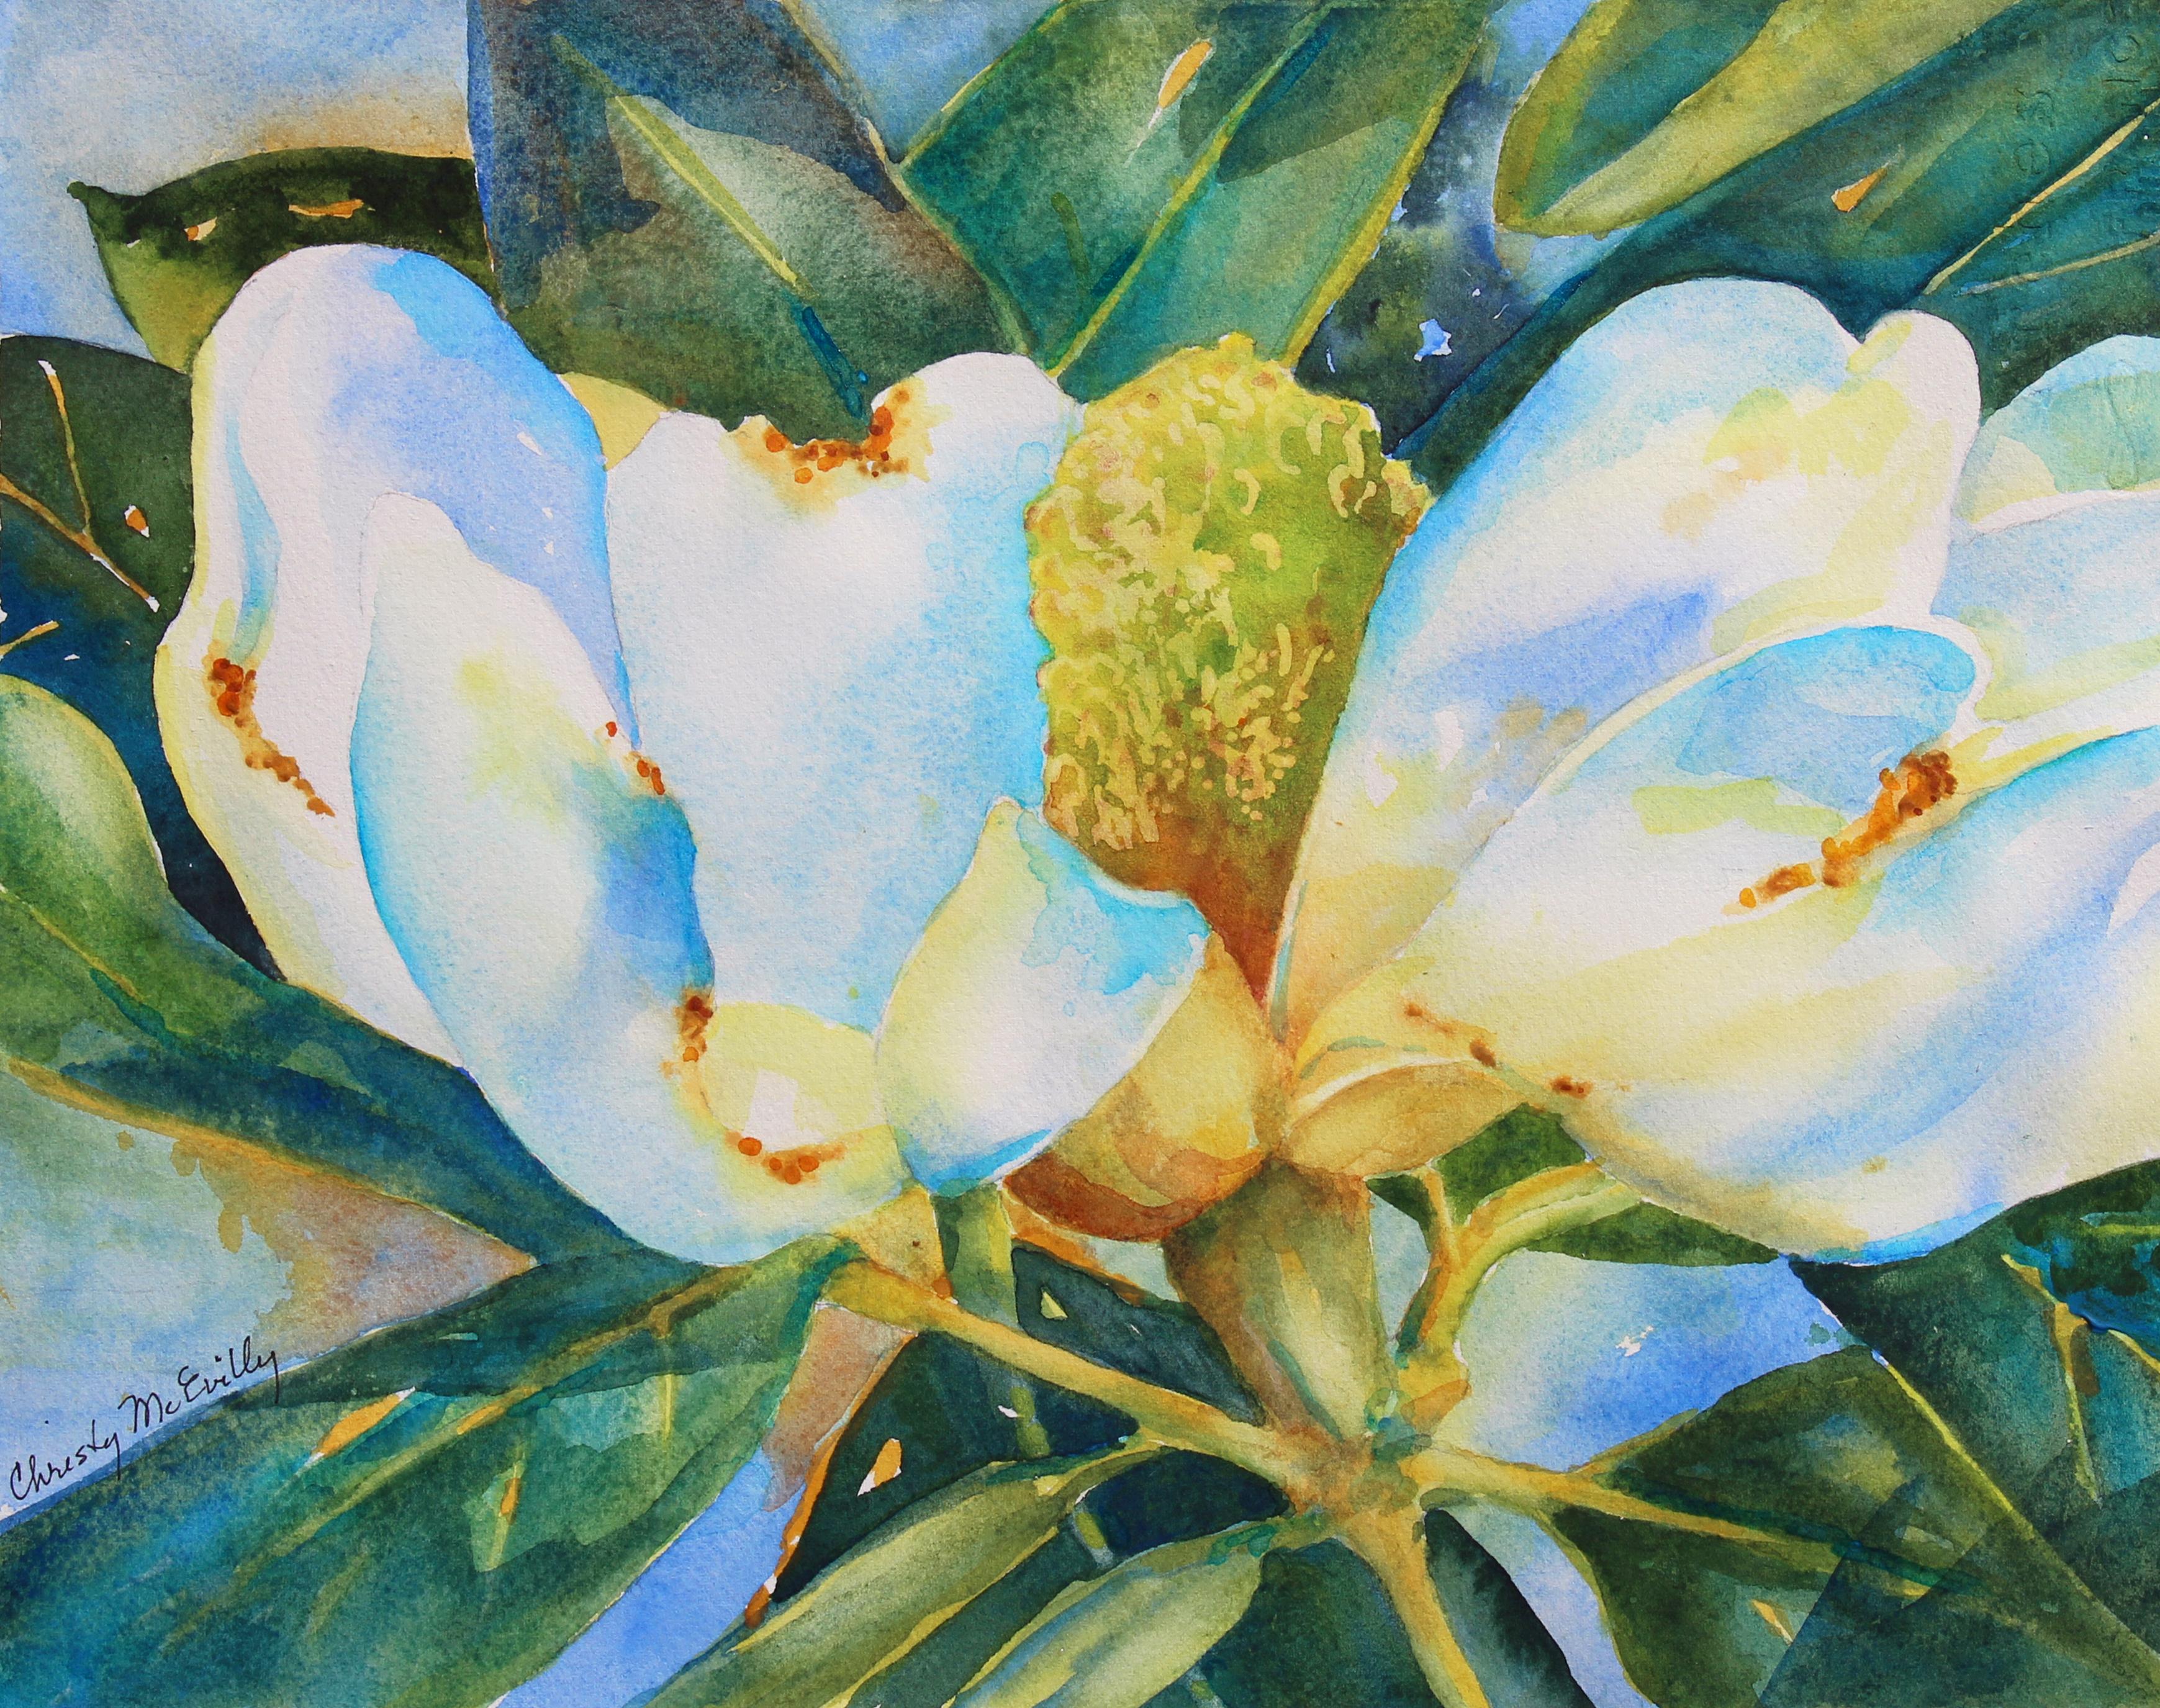 Lewes in Bloom